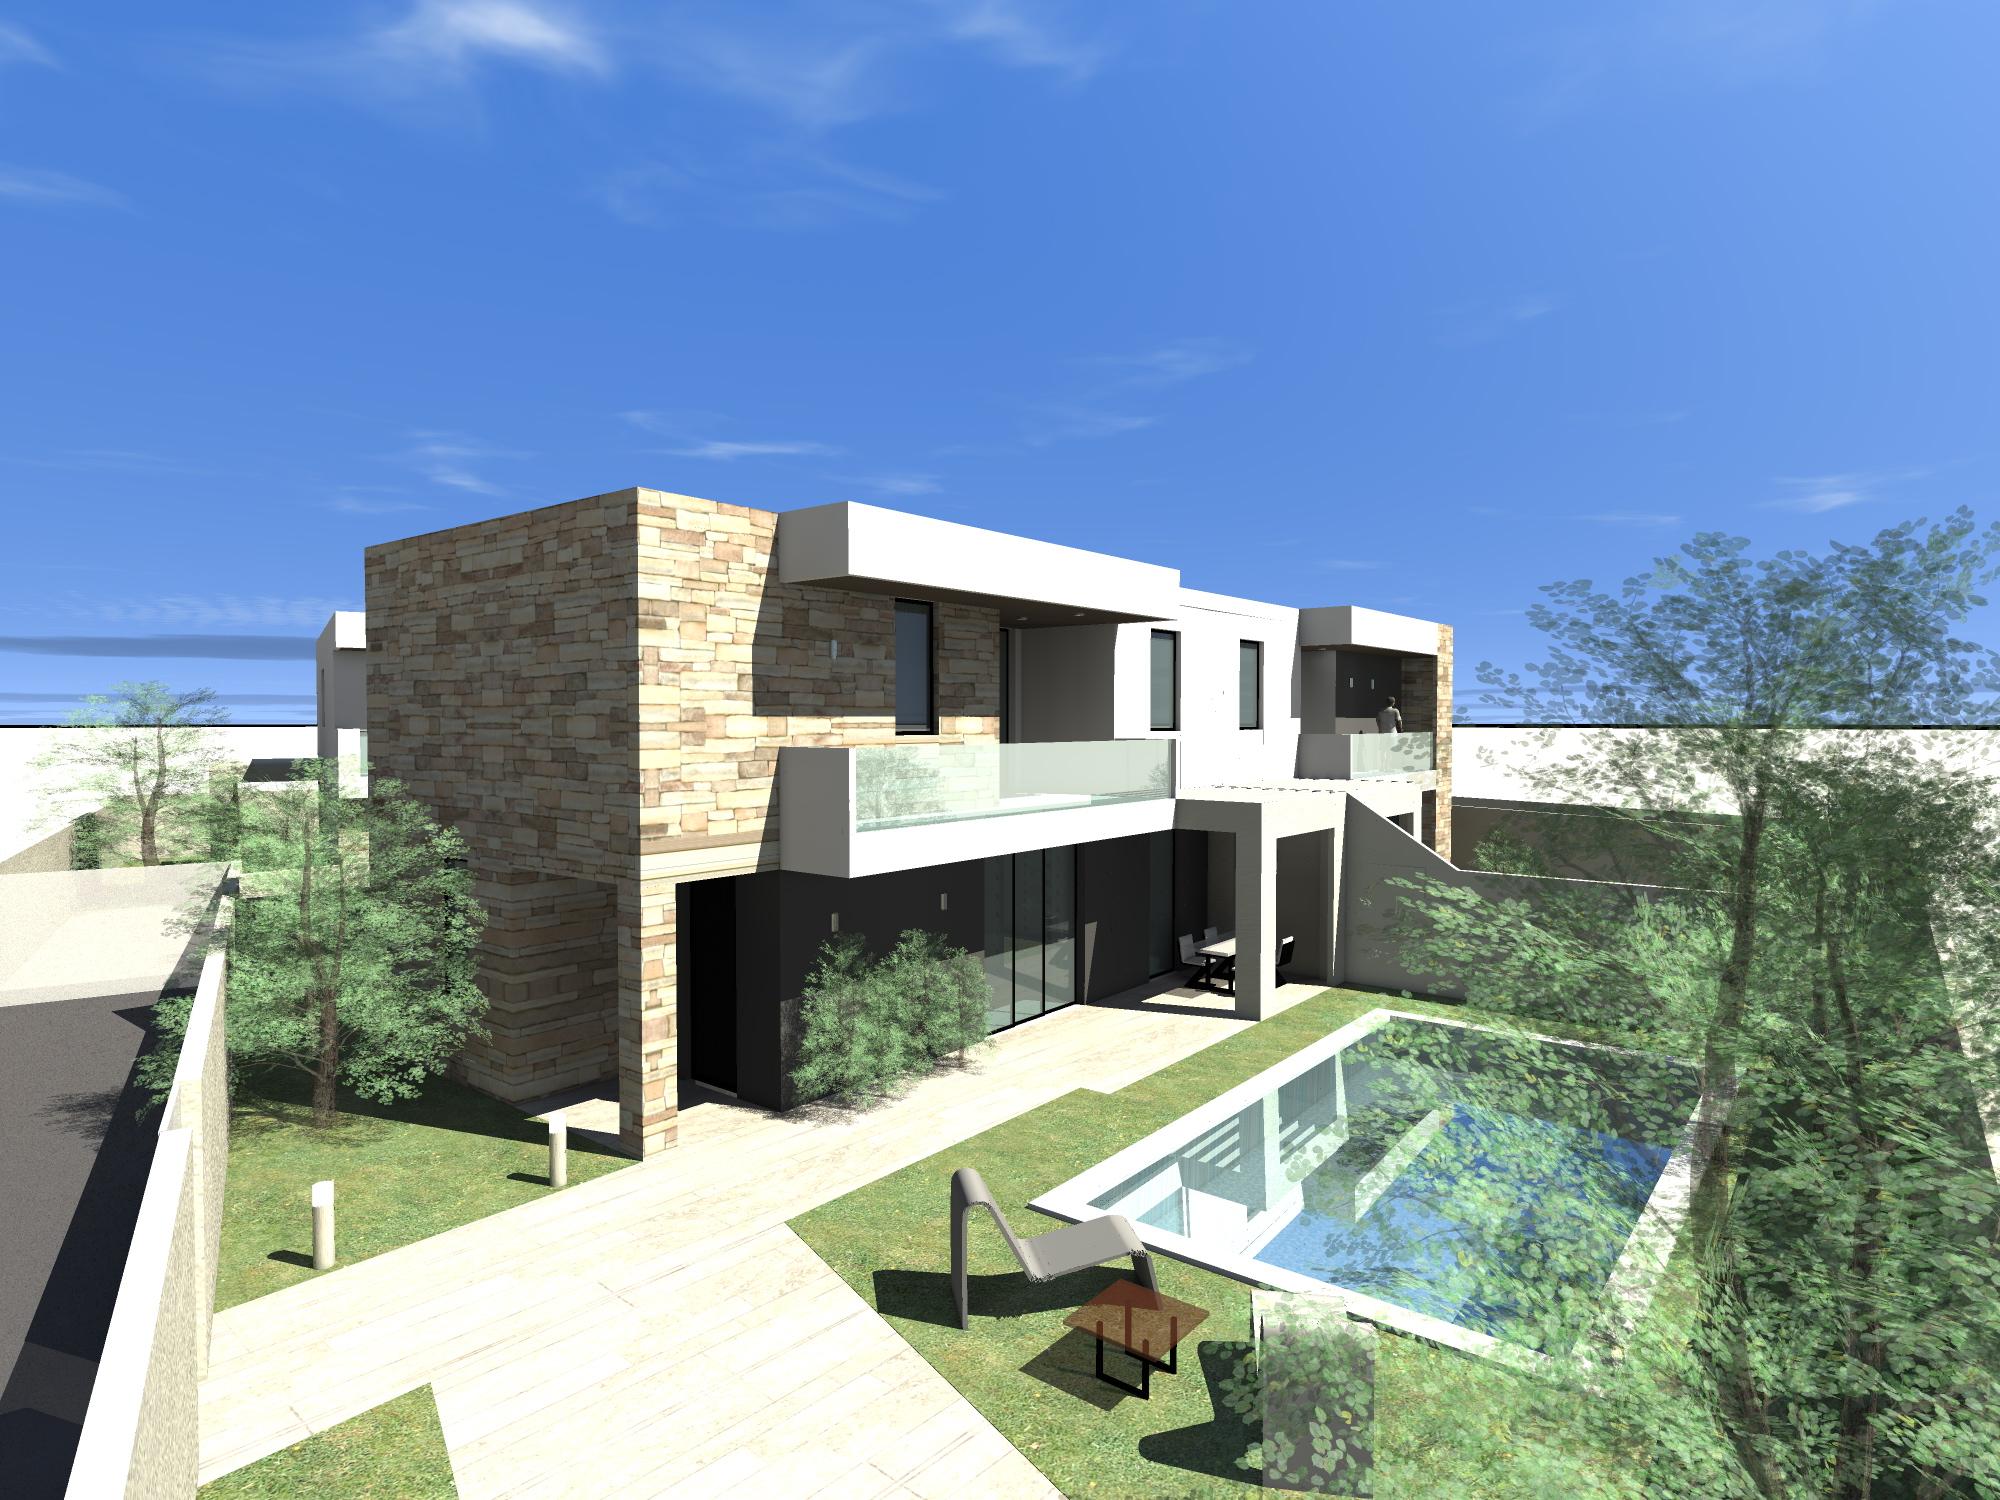 Progetto costruzione della 1 casa passiva a trani in - Agevolazioni costruzione prima casa ...